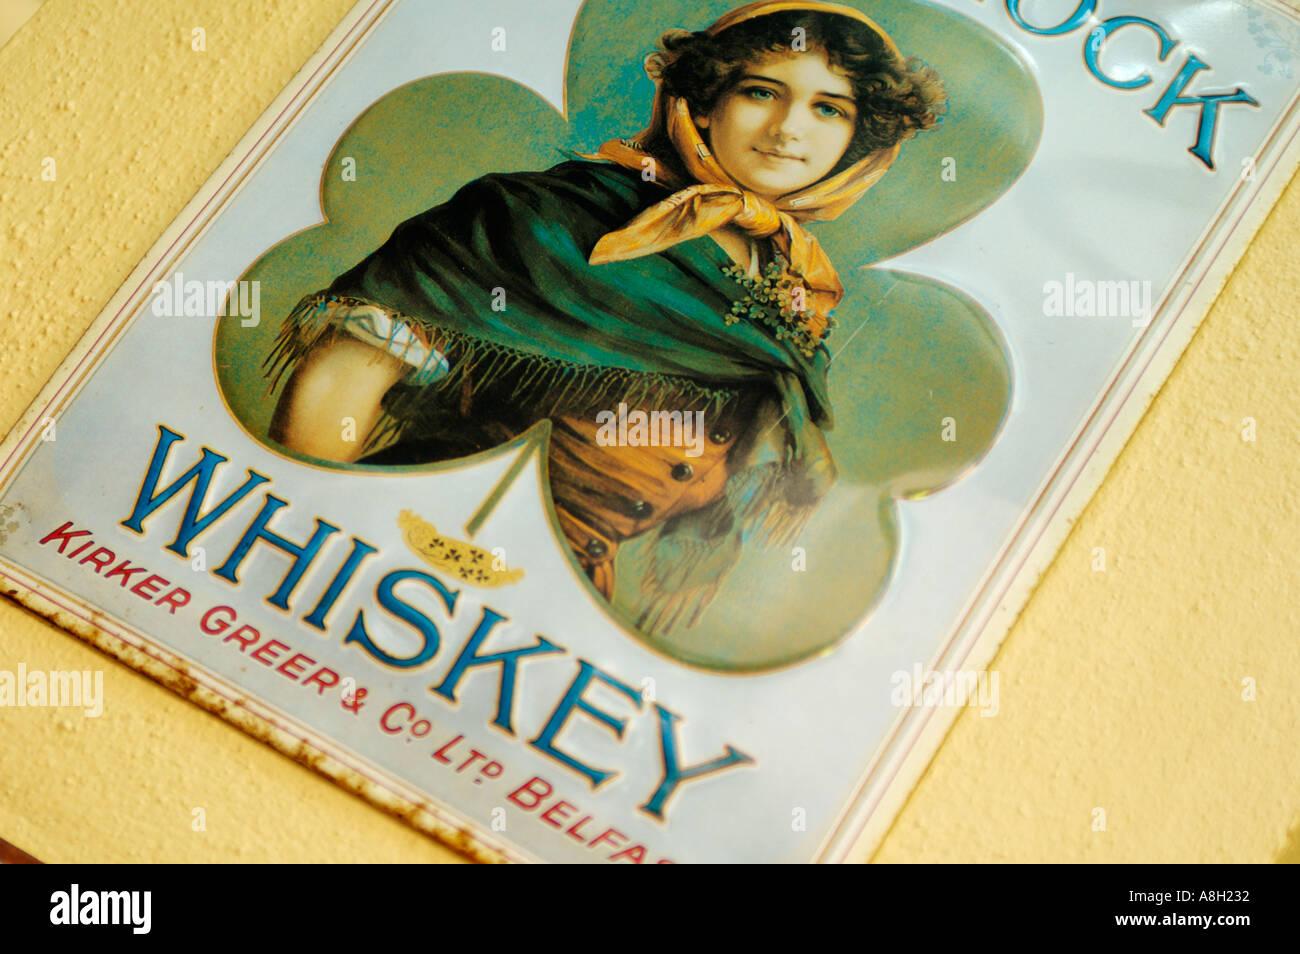 Ireland, Dublin, Shamrock whiskey sign Stock Photo